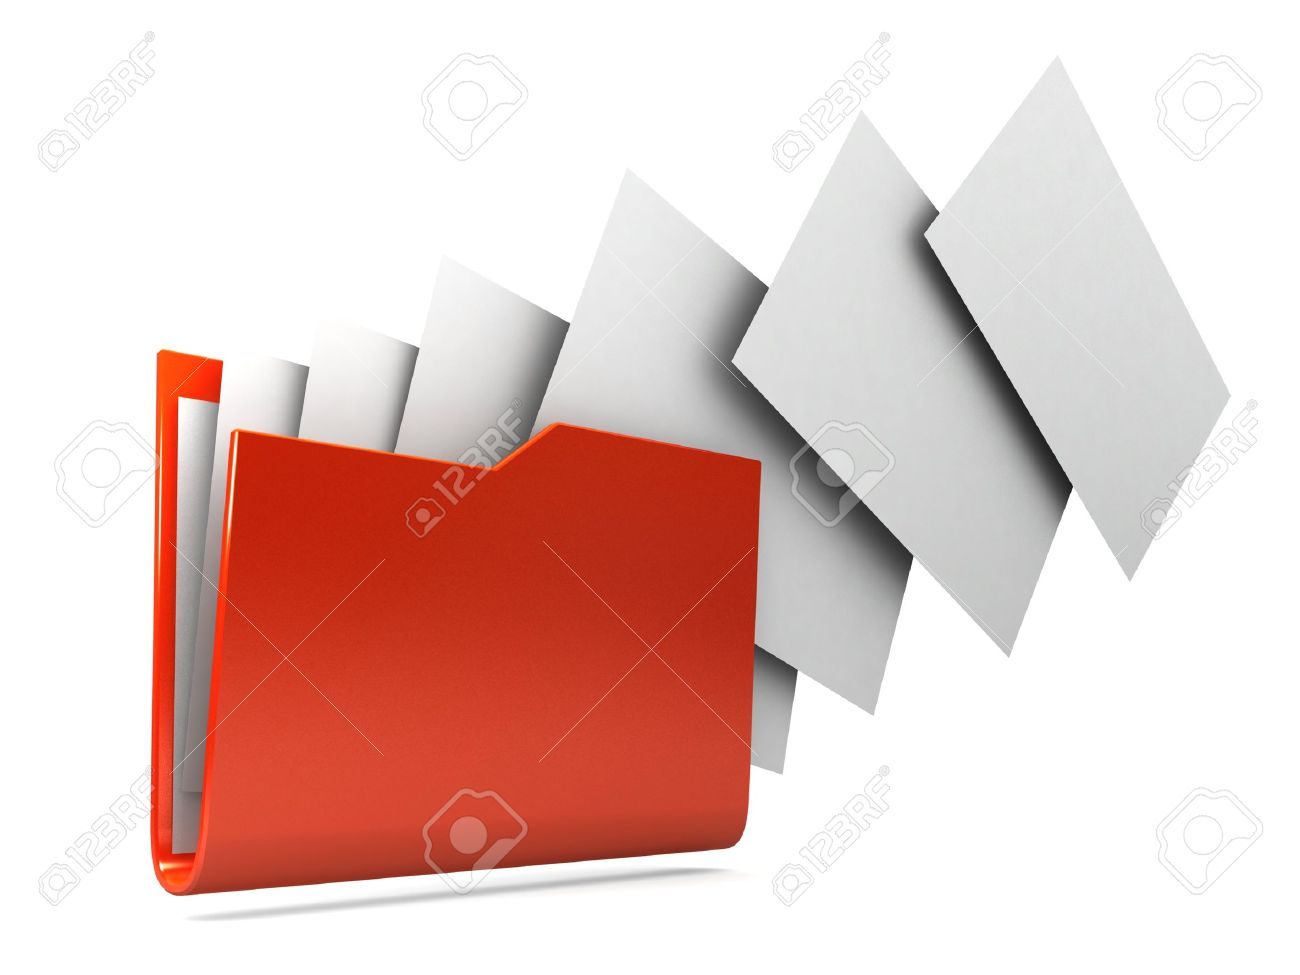 Uploading documents from folder. Stock Photo - 11047139